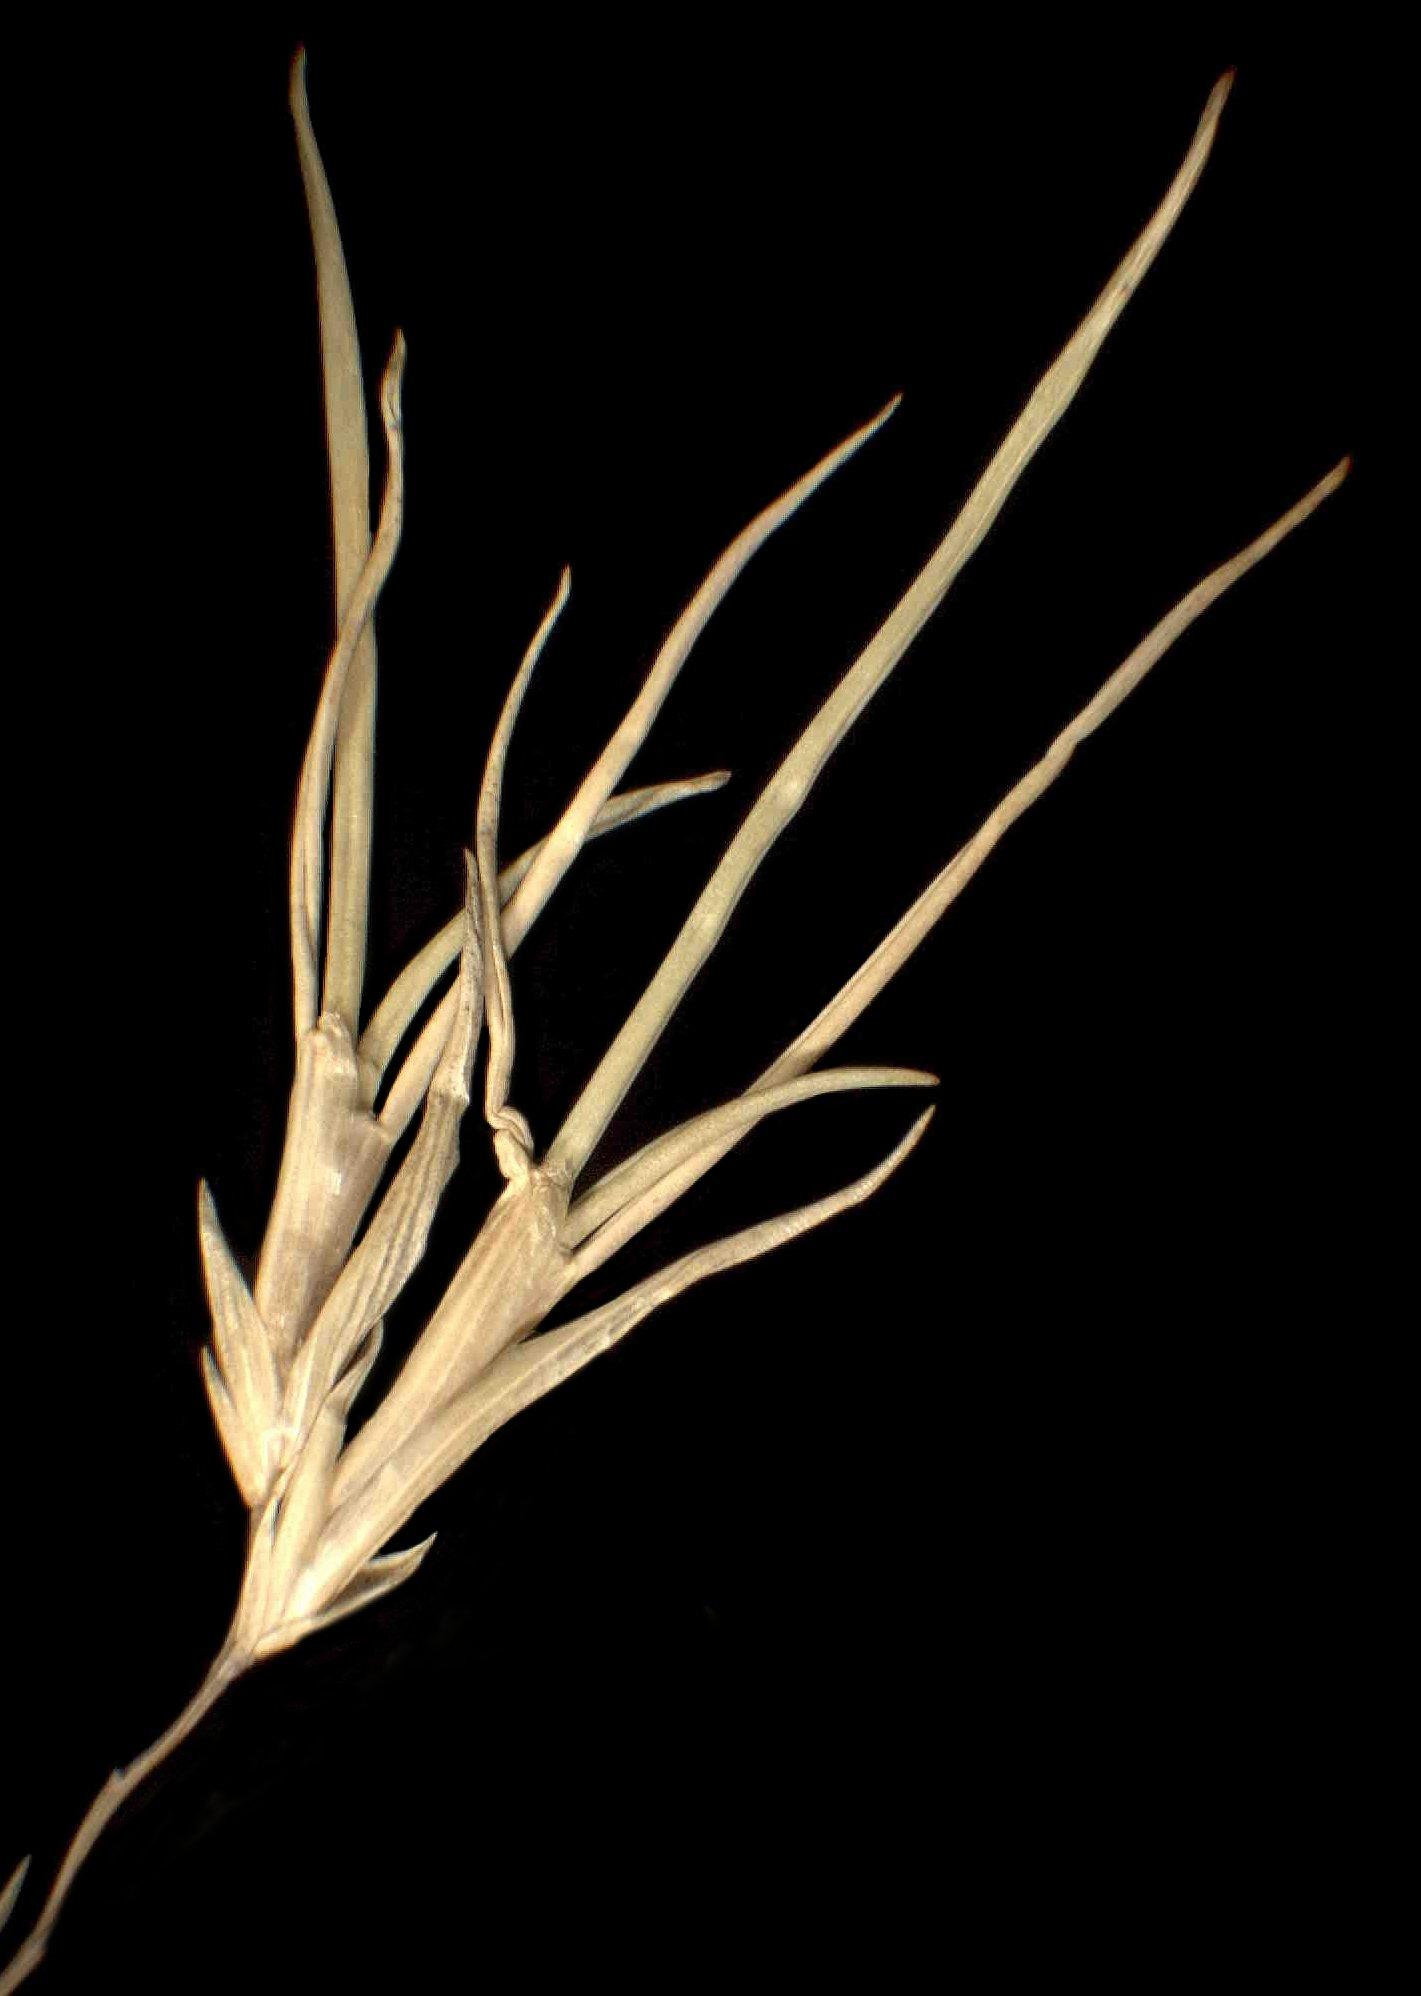 © Dipartimento di Scienze della Vita, Università degli Studi di Trieste<br>by Andrea Moro<br>Valencia Island, Kerry, presso la cava di Glanleam, su ardesia staccata. , Irlanda, 22/12/04 0.00.00<br>Distributed under CC-BY-SA 4.0 license.